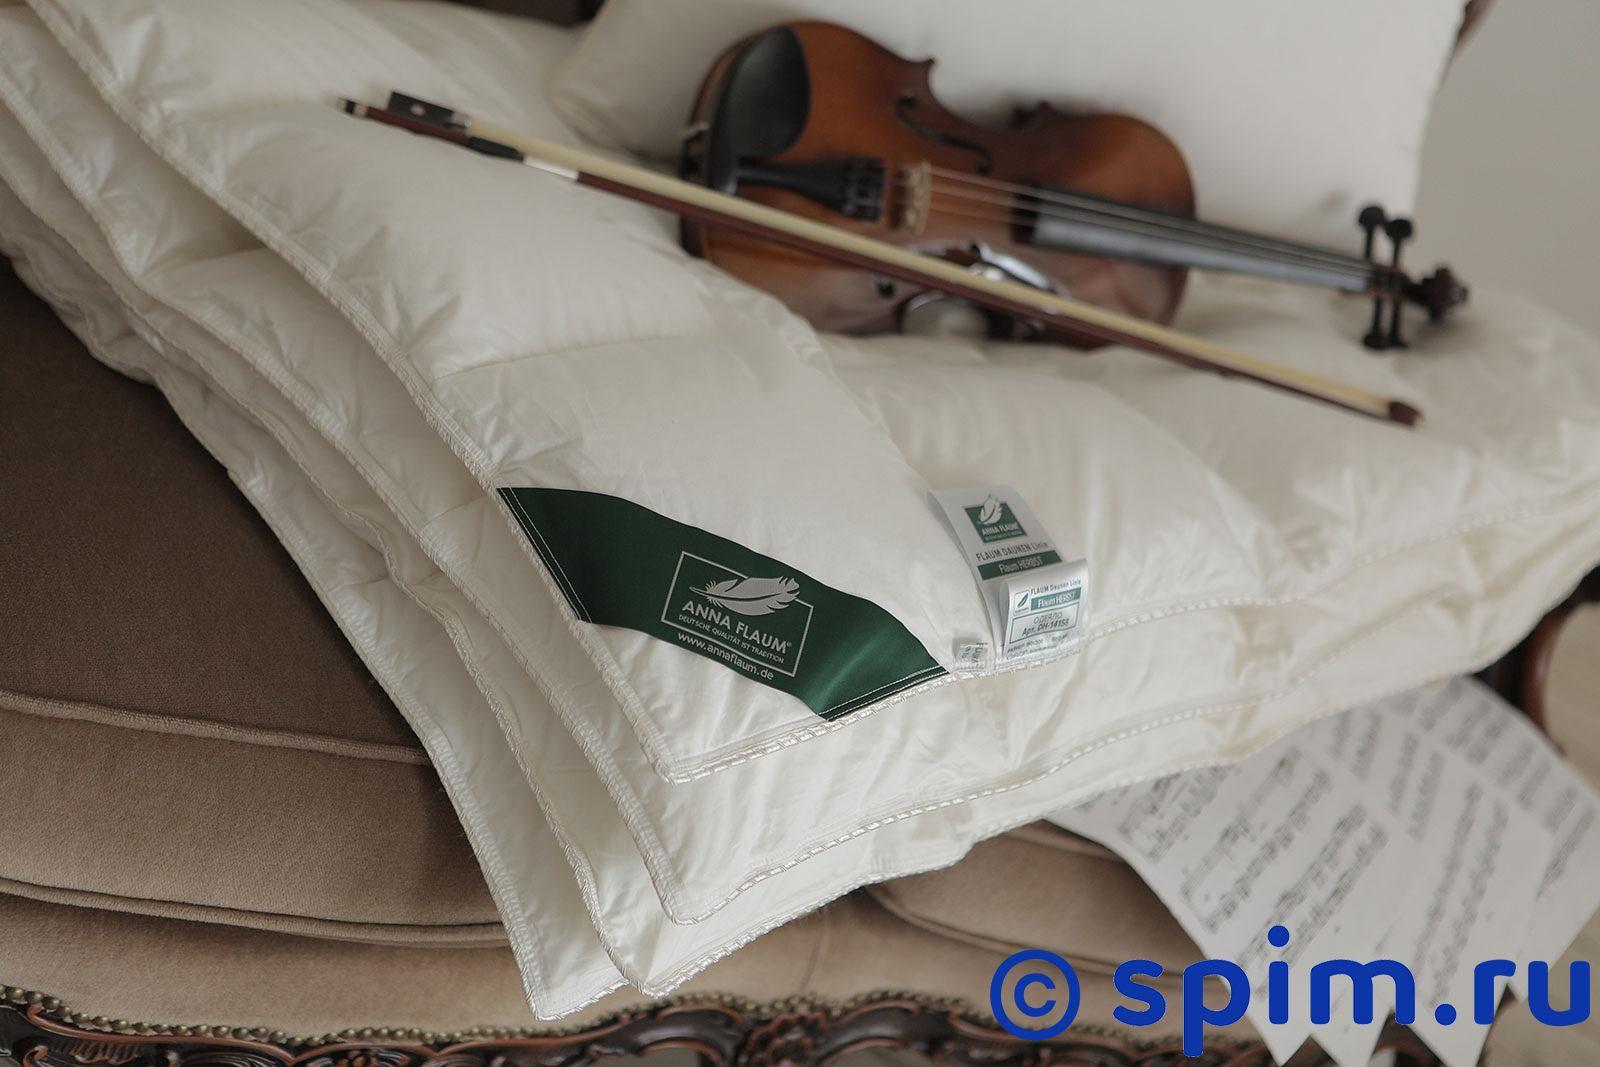 Одеяло Anna Flaum Herbst, всесезонное 200х220 см одеяла anna flaum одеяло flaum herbst 150х200 всесезонное